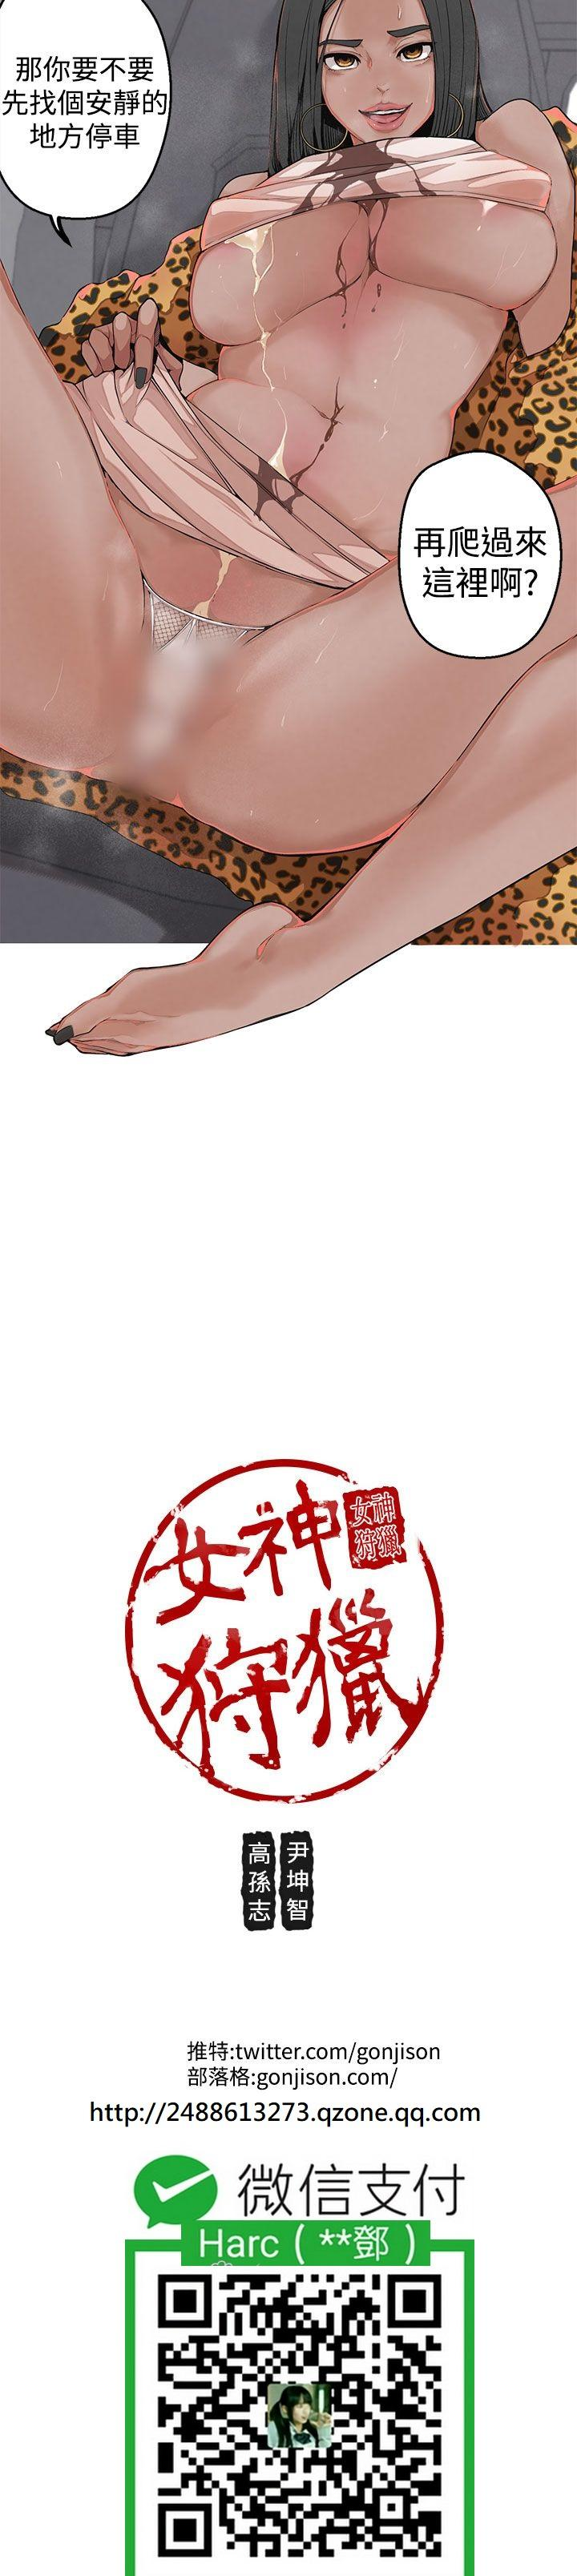 女神狩猎 第1~3話 [Chinese]中文 Harc 101